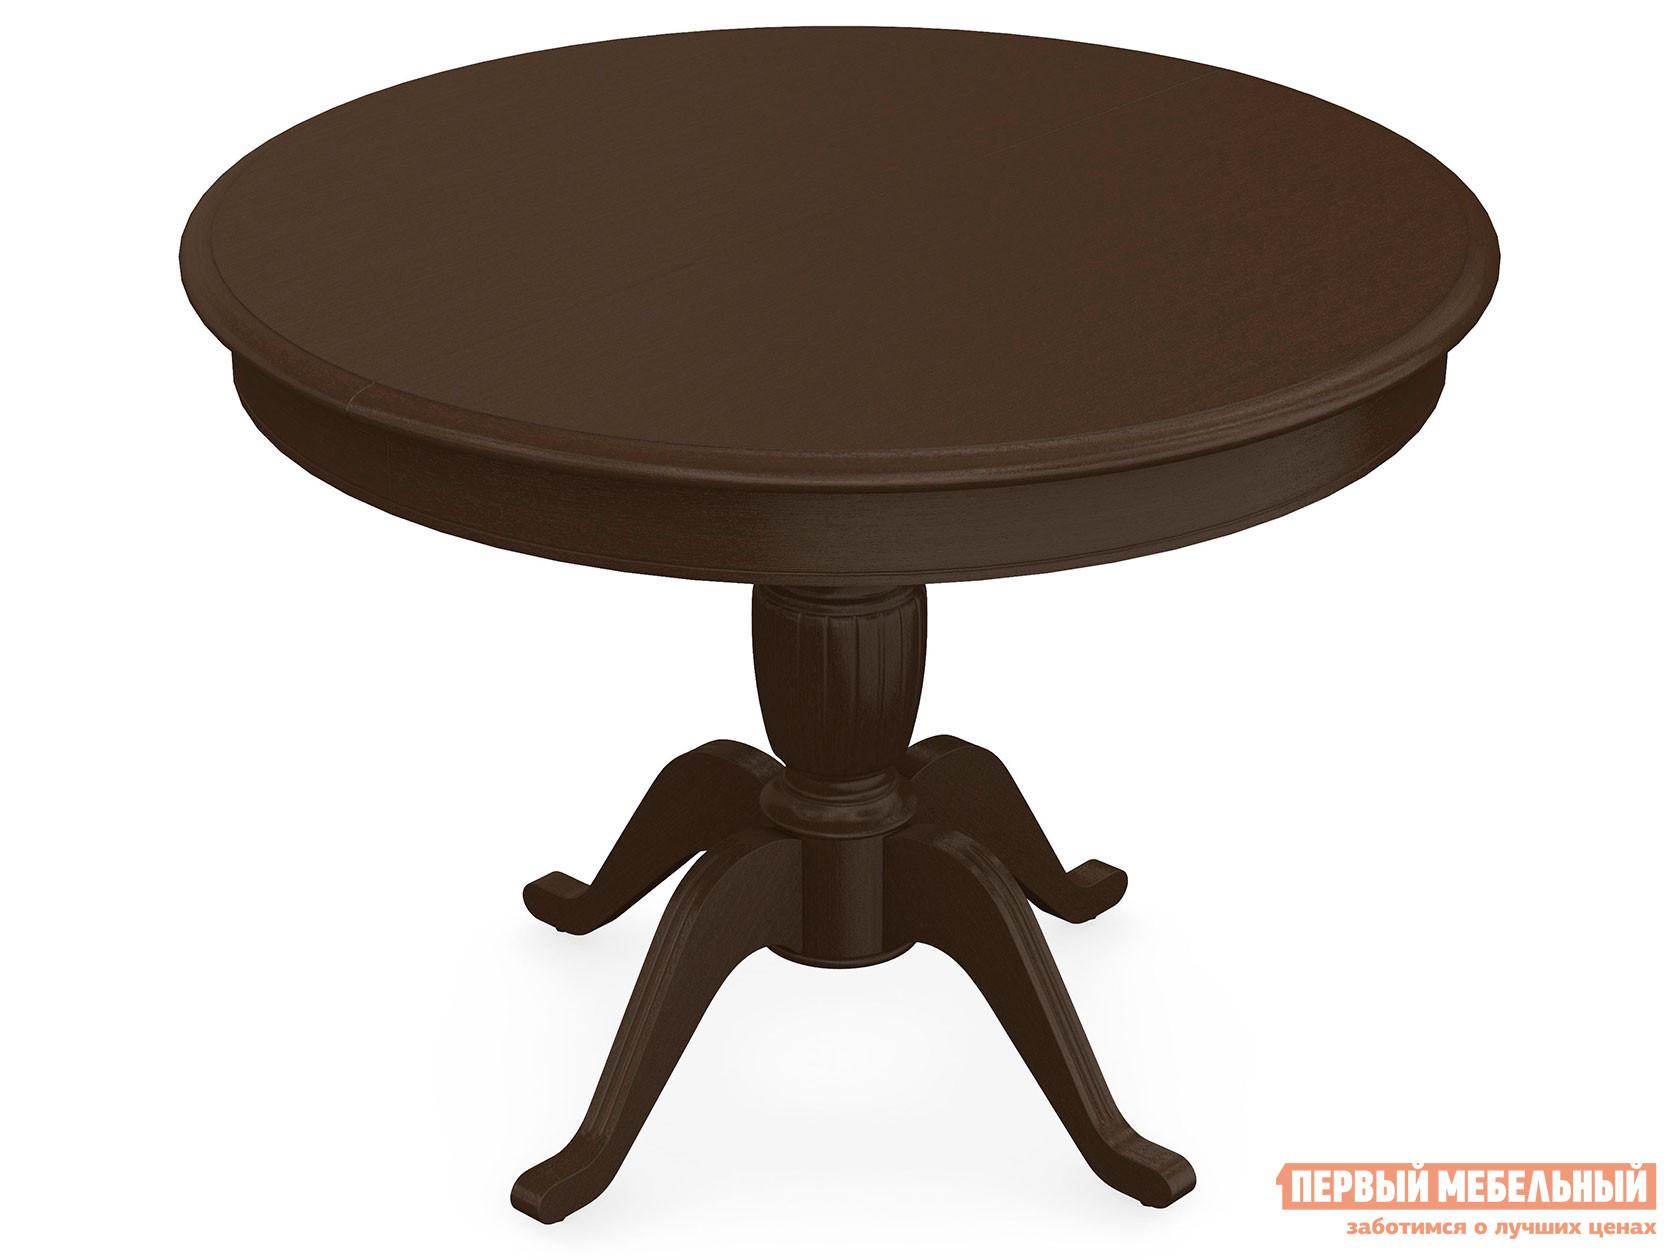 Обеденный стол Линоторг Стол раздвижной Леонардо